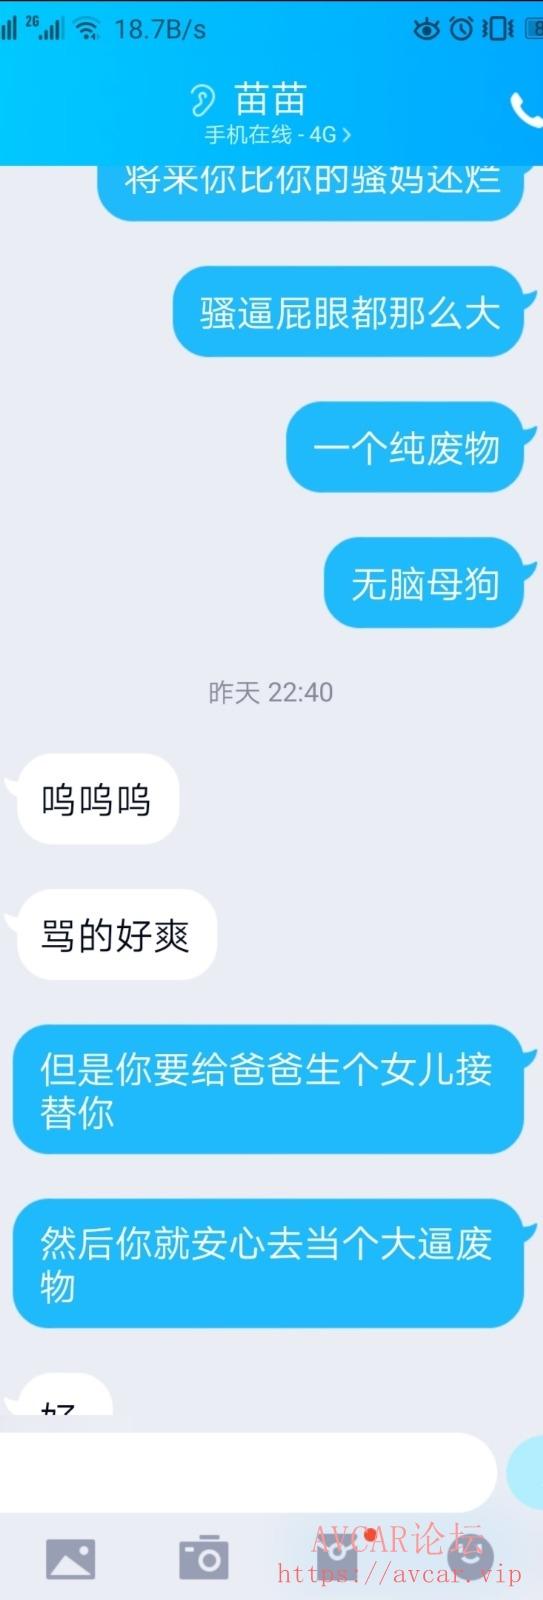 Screenshot_20210504_083159.jpg